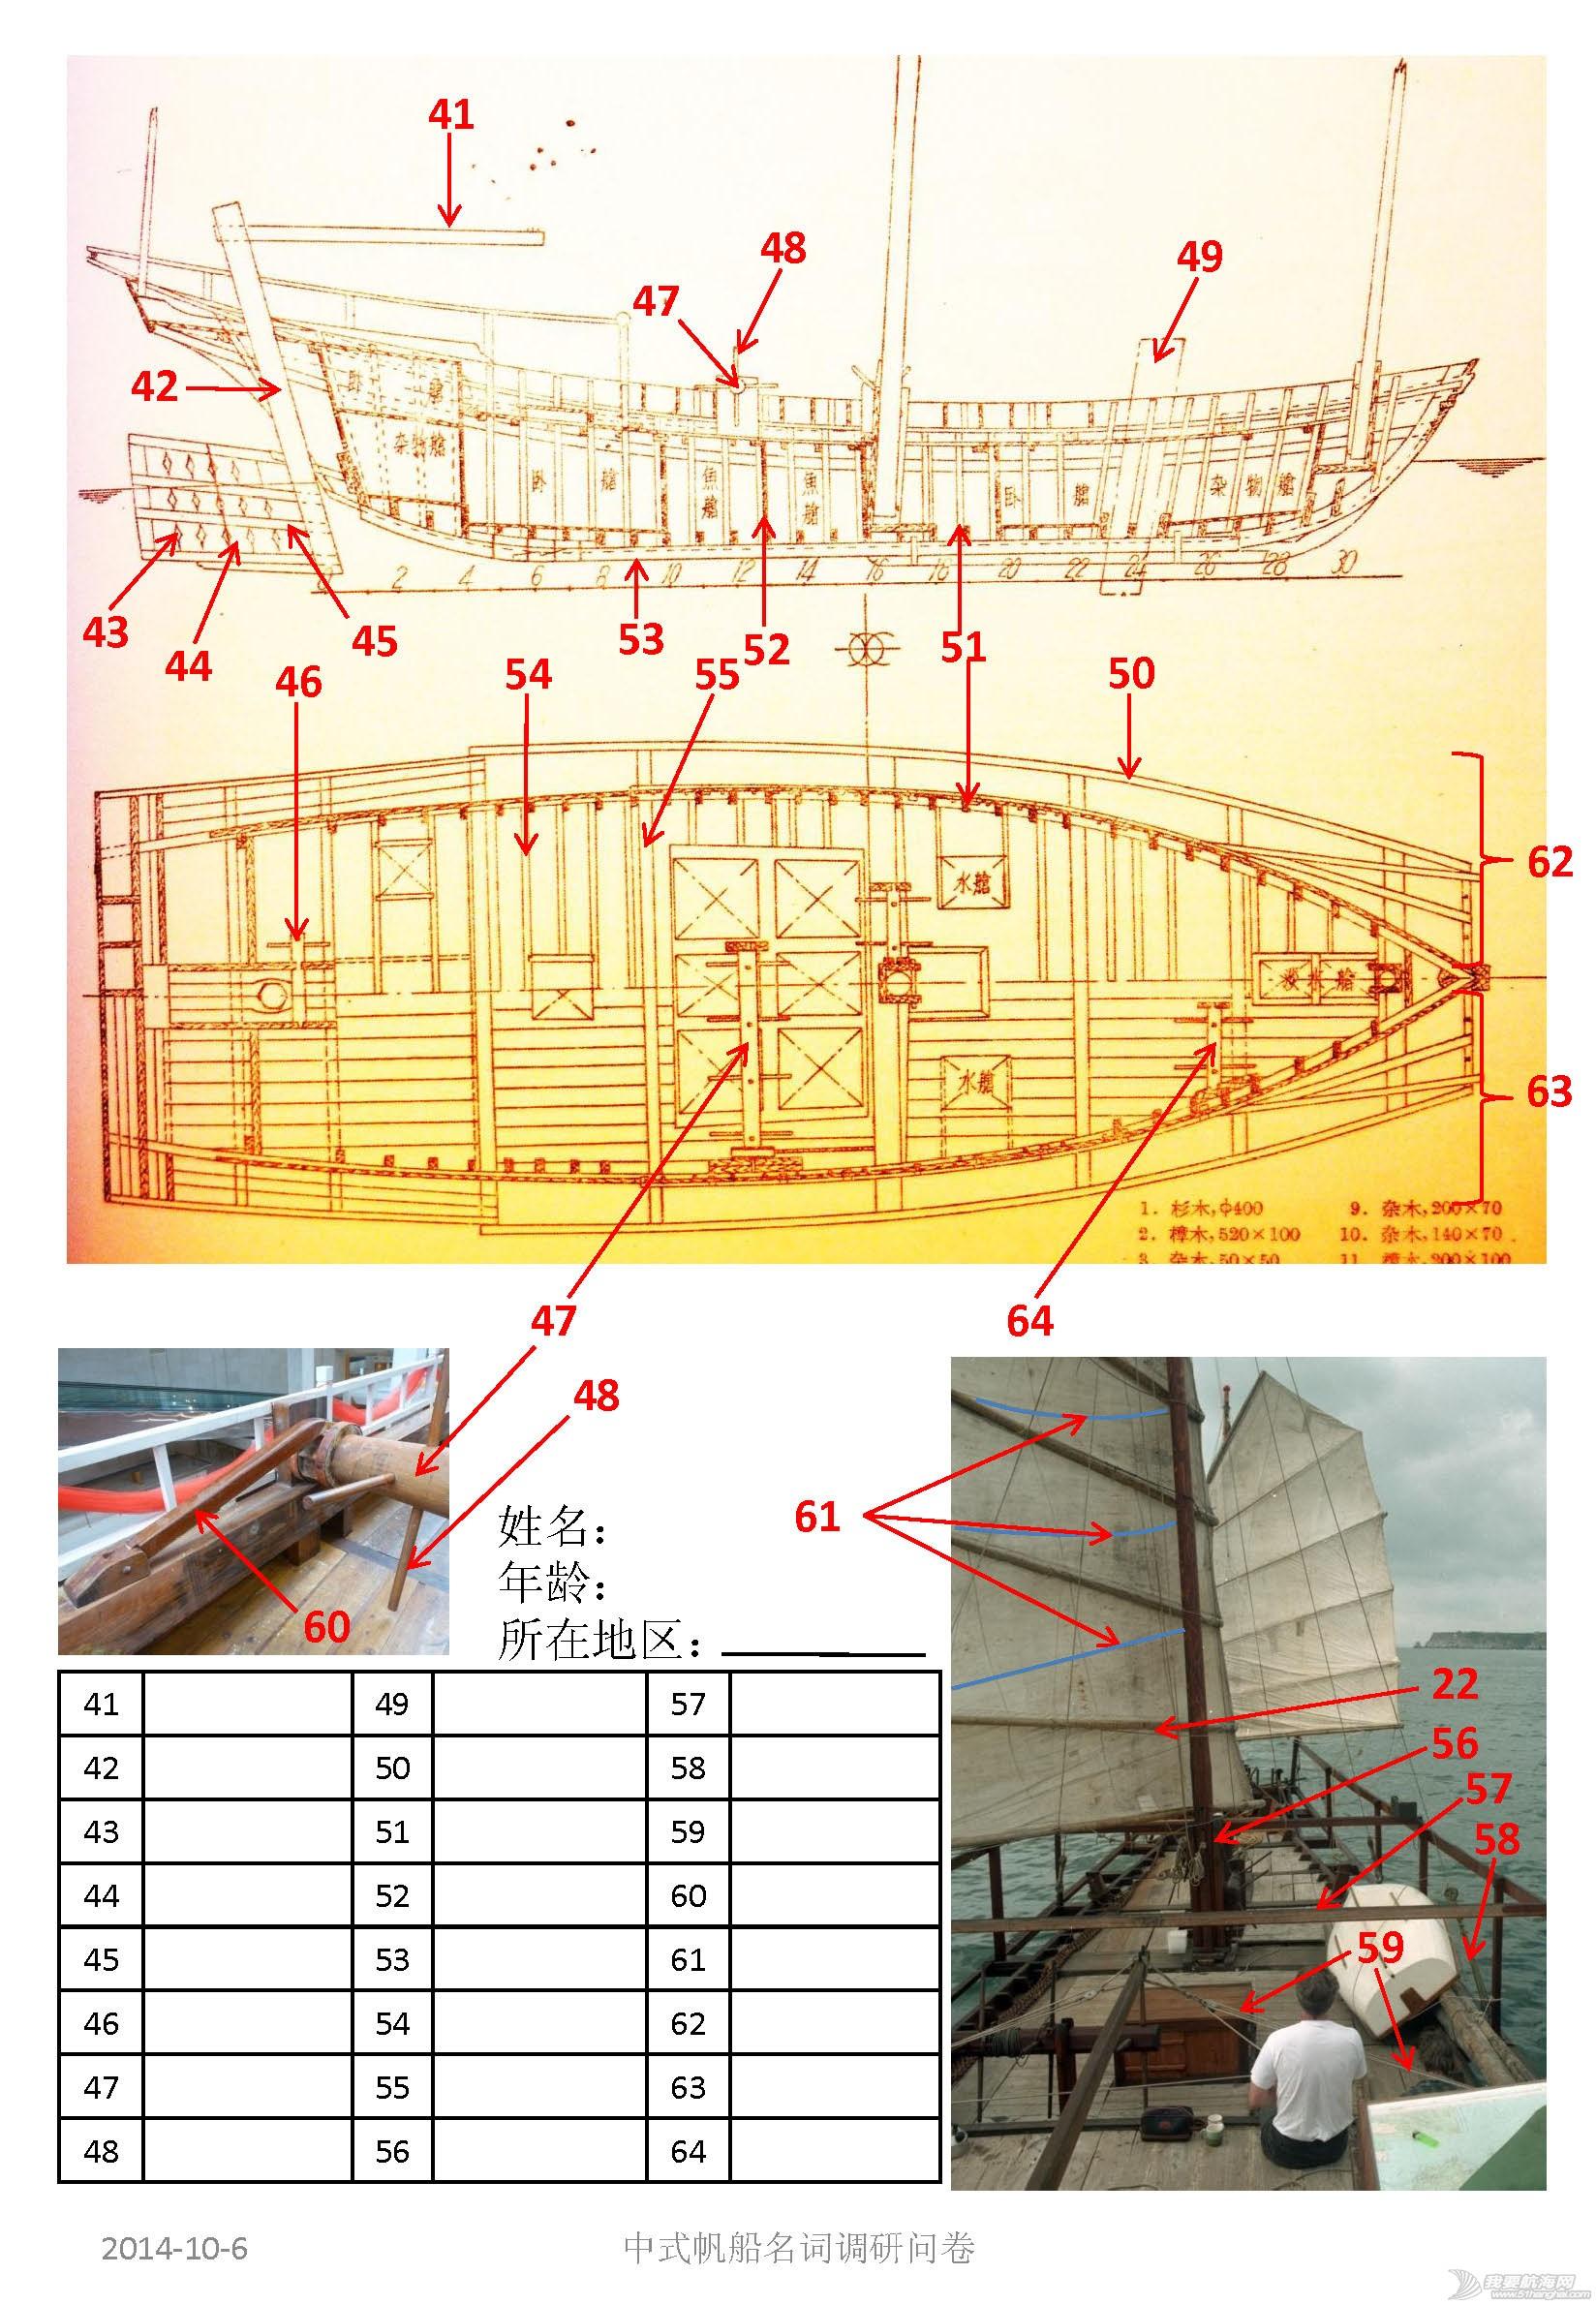 抢救中式帆船文化,帆船名词,调研问卷 抢救中式帆船文化(三)帆船名词调研问卷